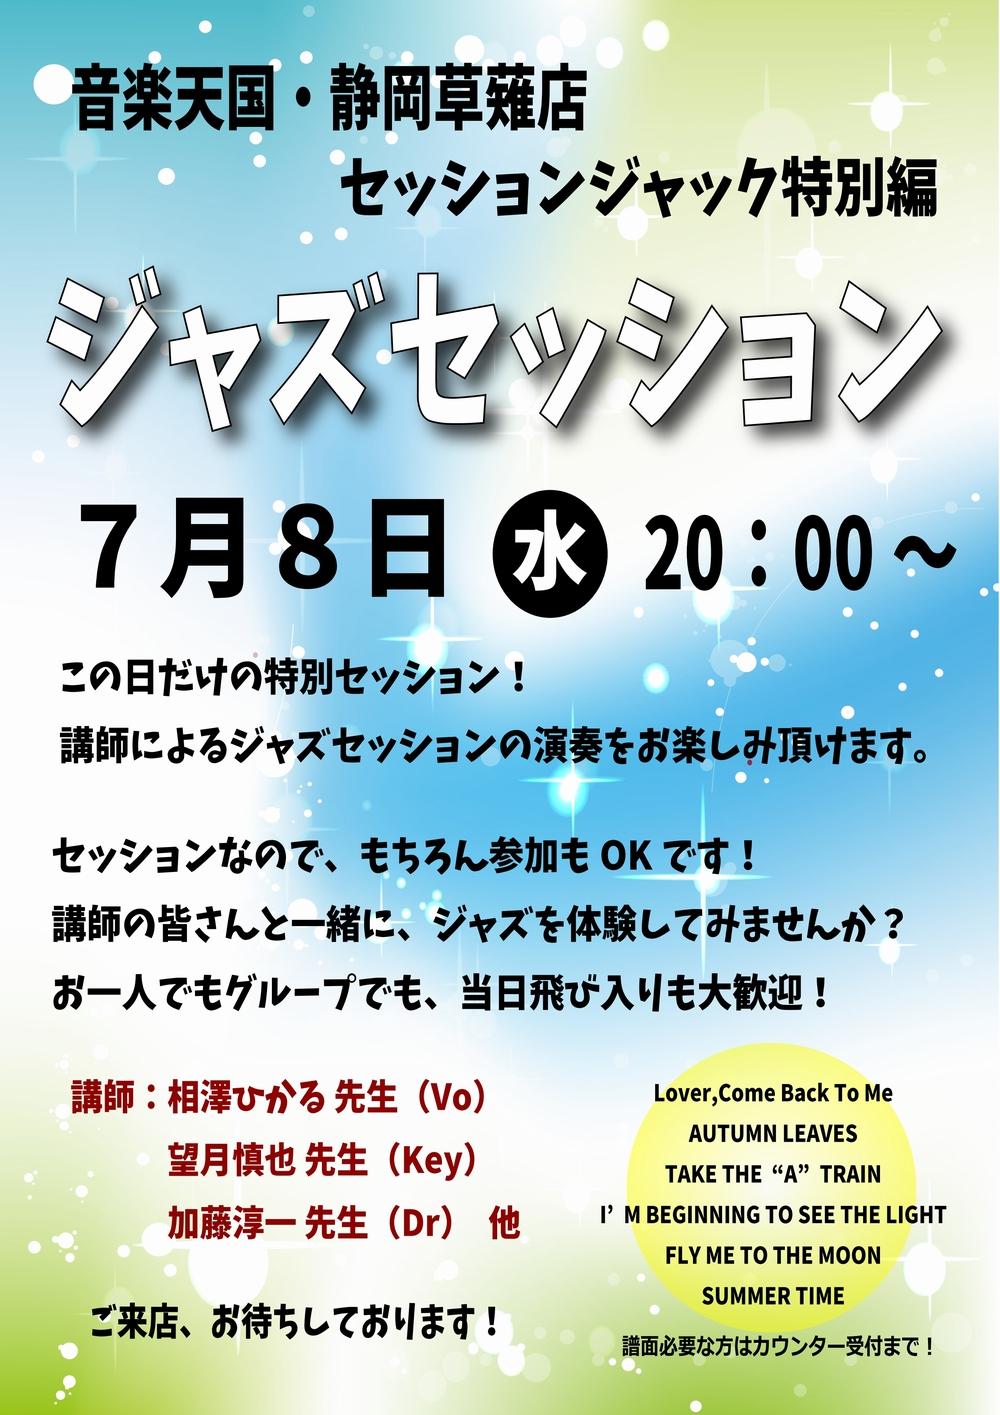 【ジャズセッション天国】音楽天国・静岡草薙店7月8日(水)初開催!